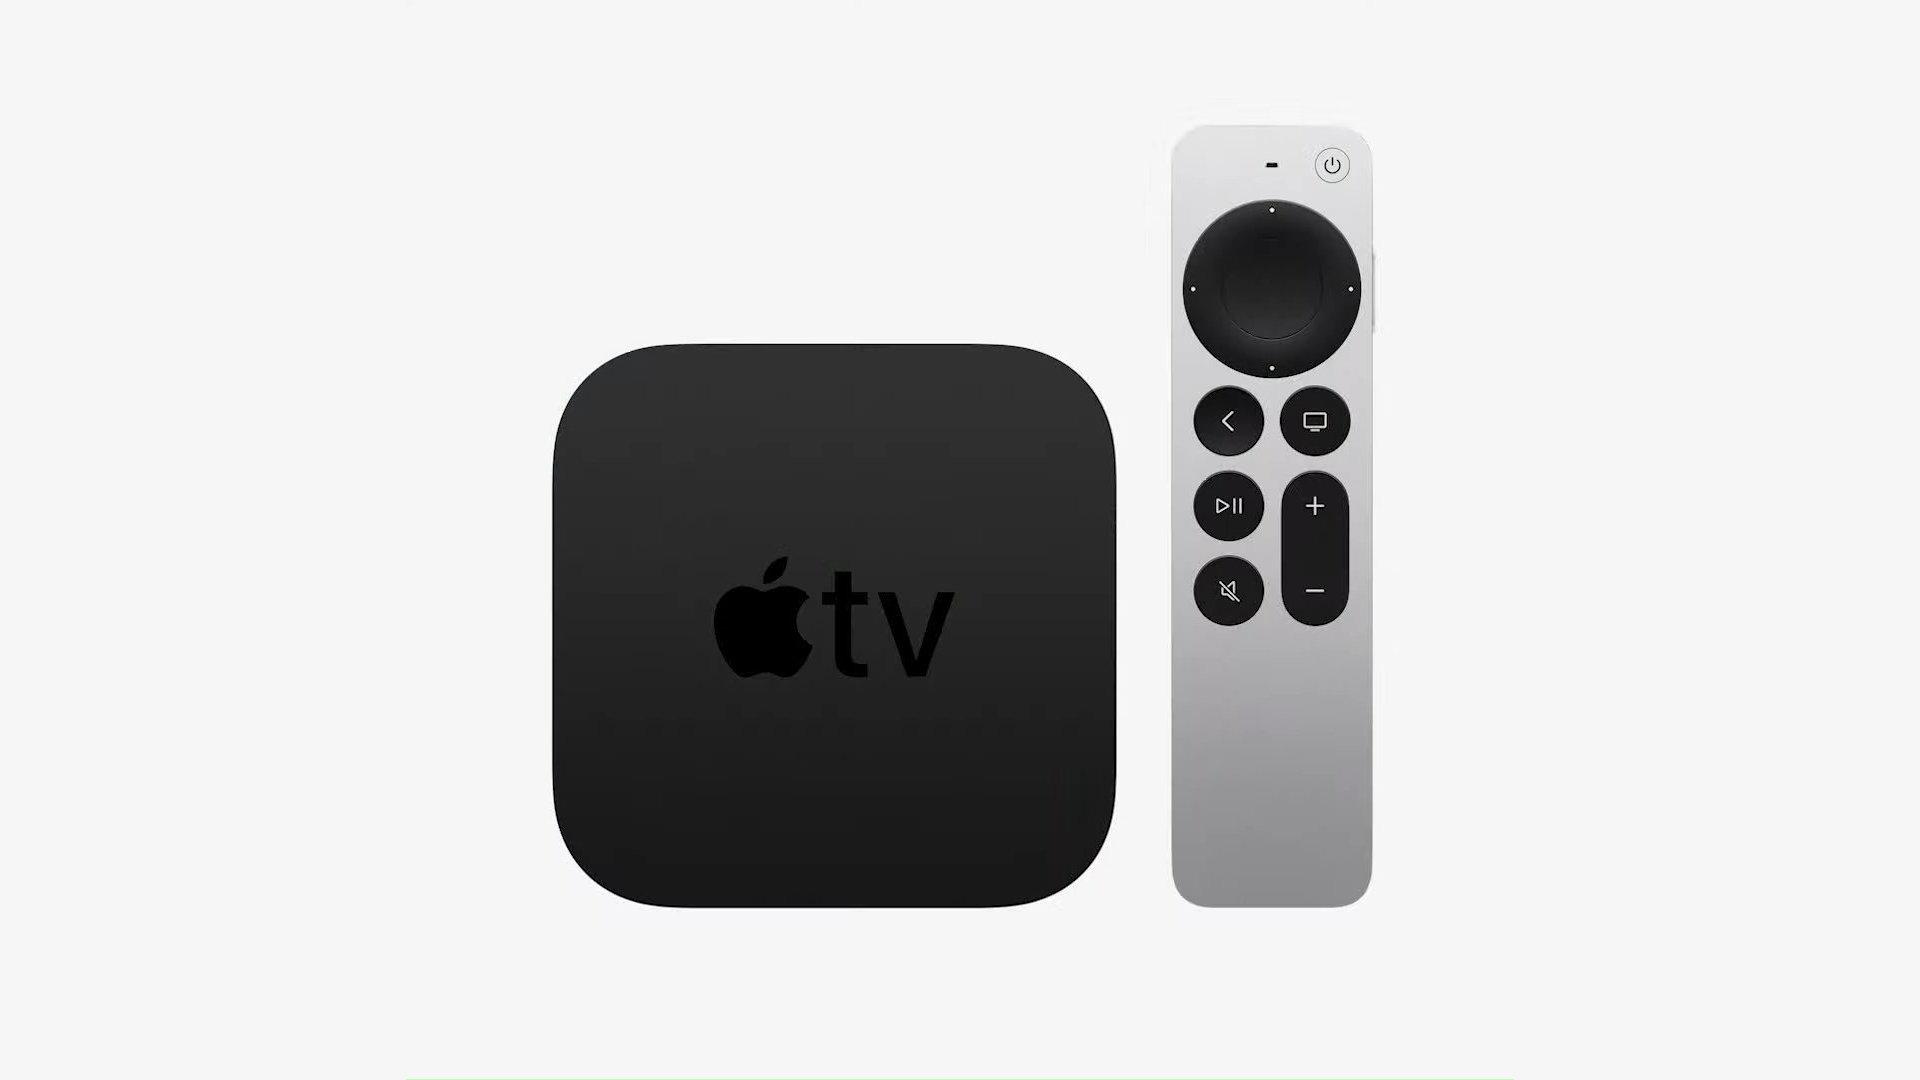 Apple TV 4K (2021) : qualité d'image au top, nouvelle télécommande et calibrage intelligent